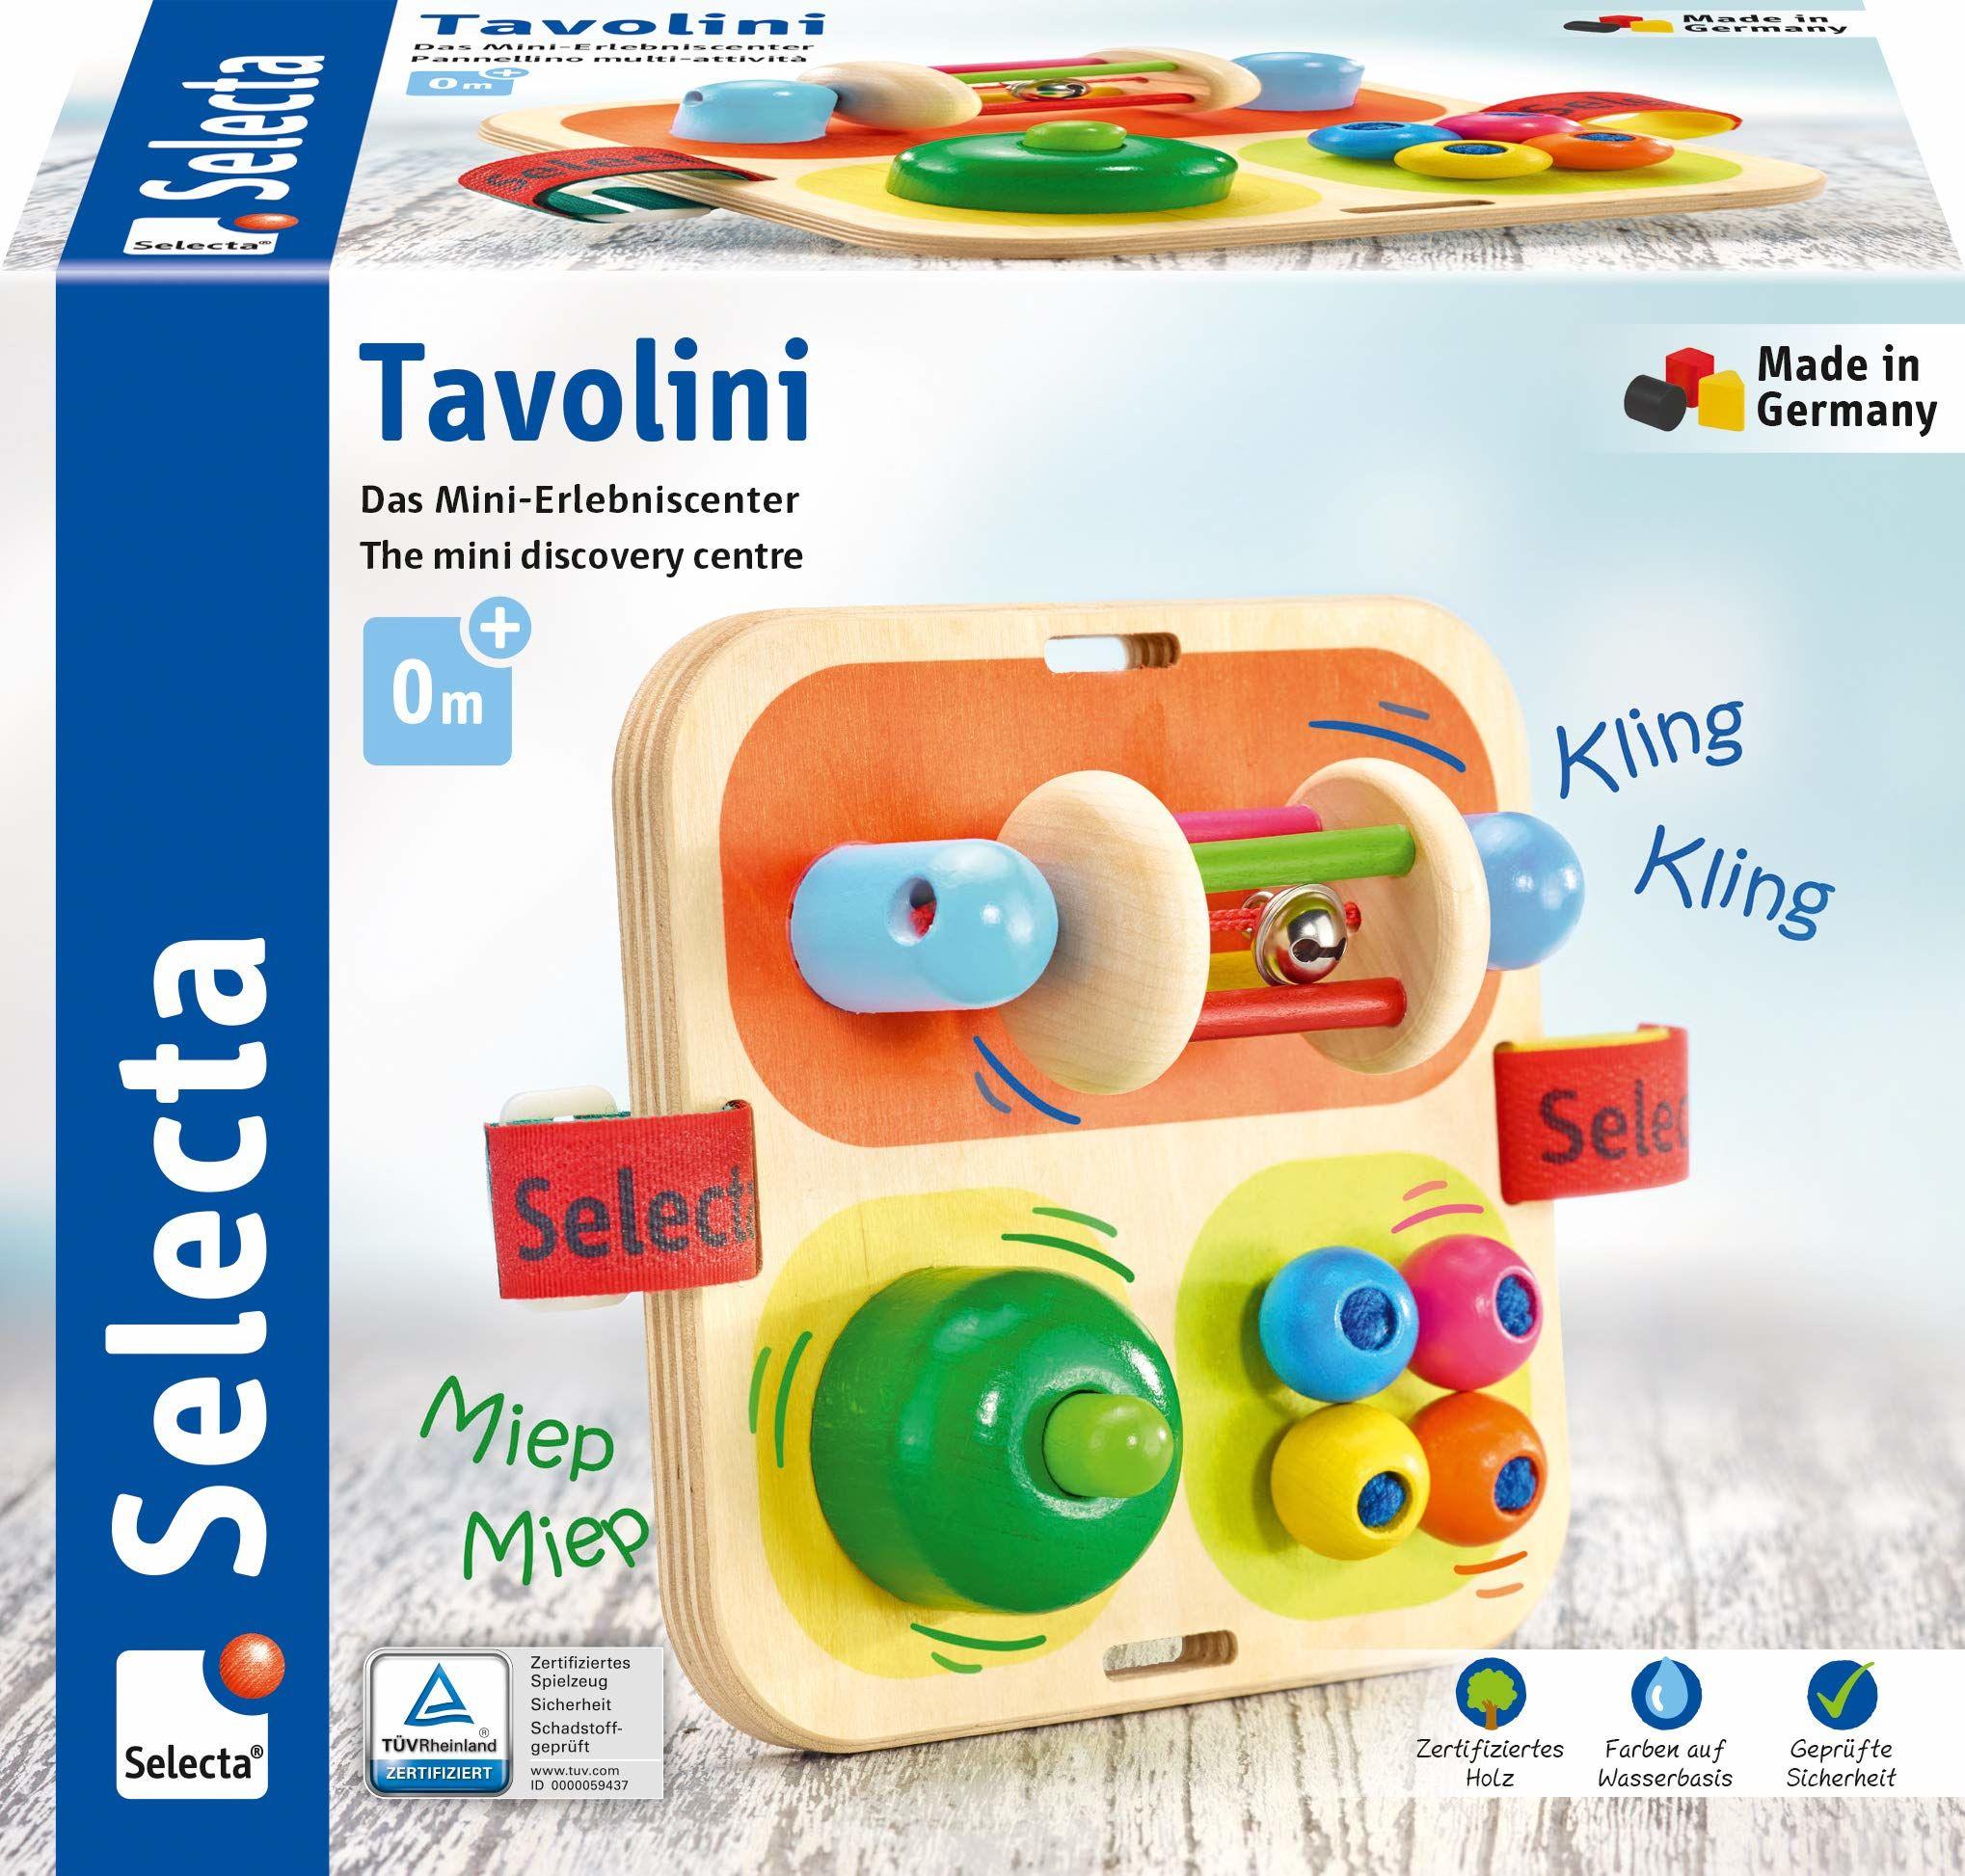 Selecta 62014 Tavolini, drewniana zabawka motoryczna, 14 cm